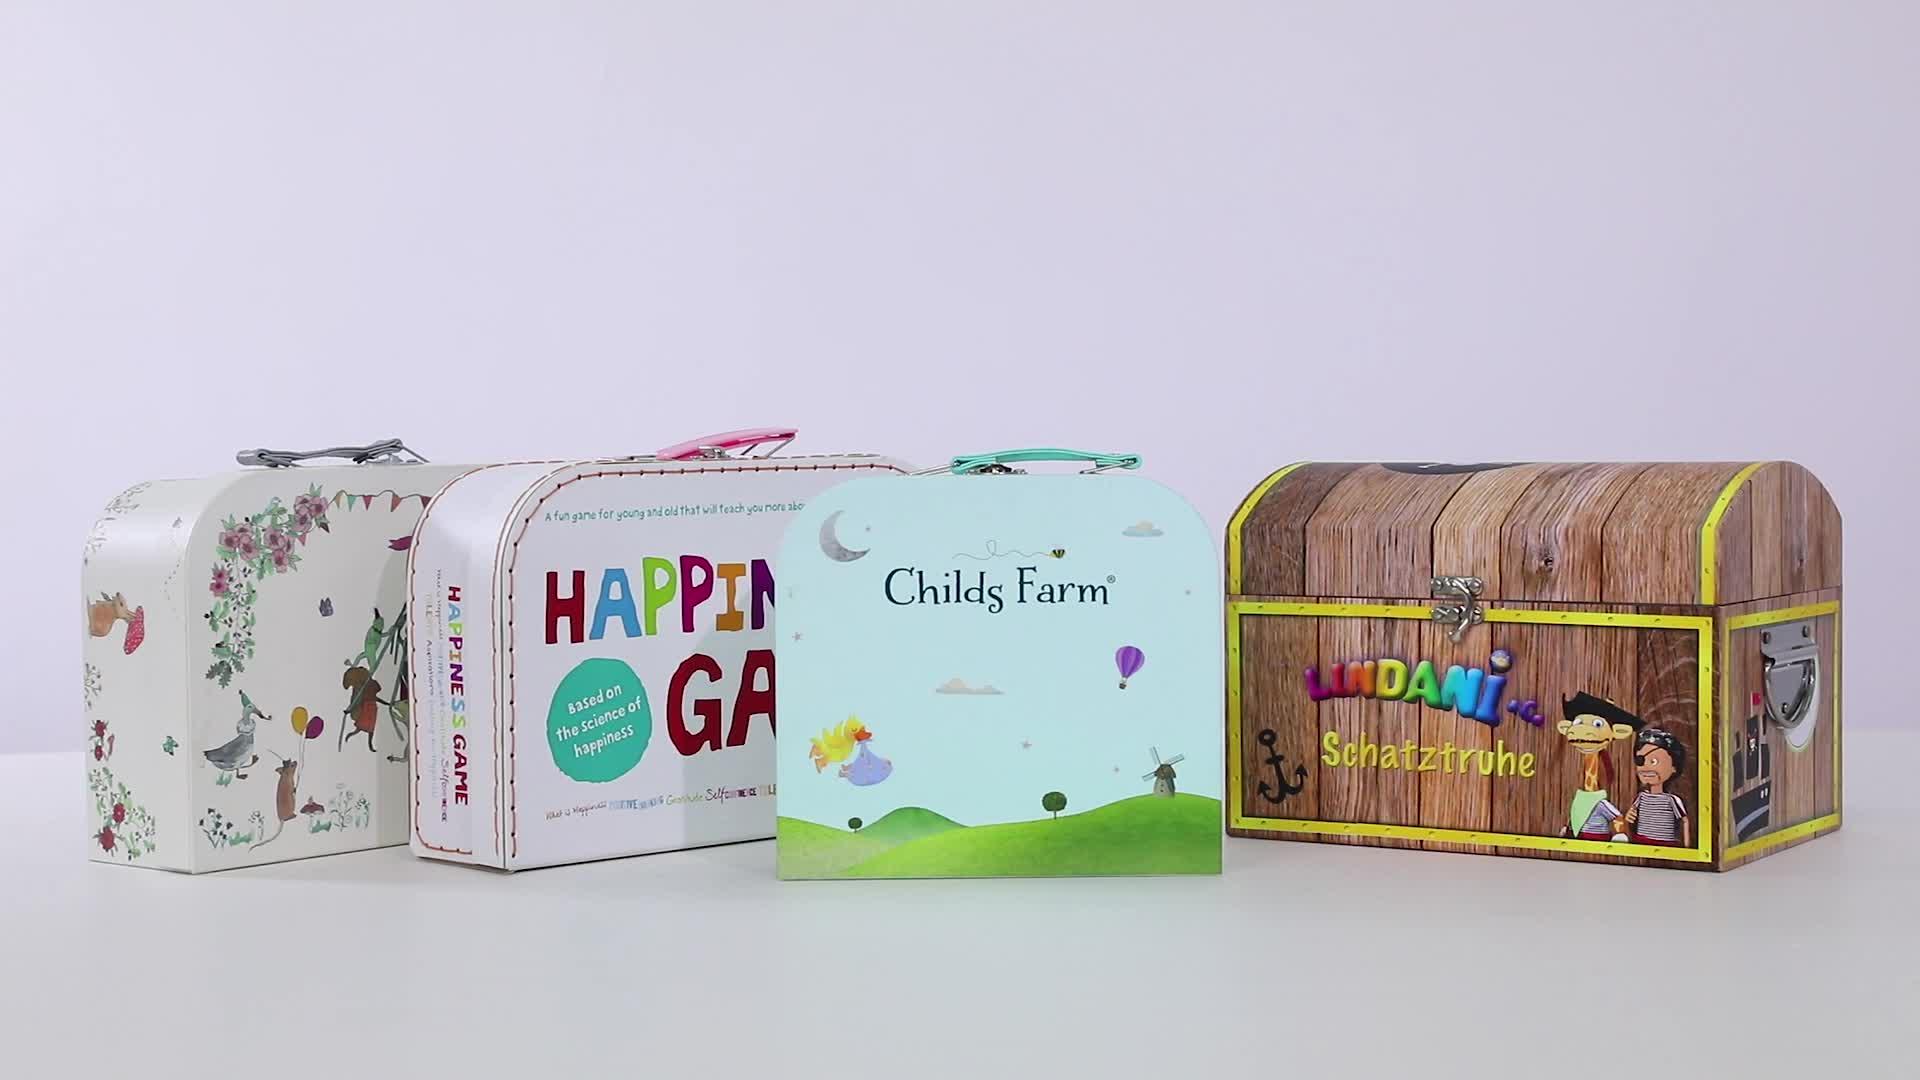 Gepäck Kinder Spielzeug Schatzkiste Starre Papier Mode Luxus Pappe Kinder Papier Koffer Verpackung Geschenk box